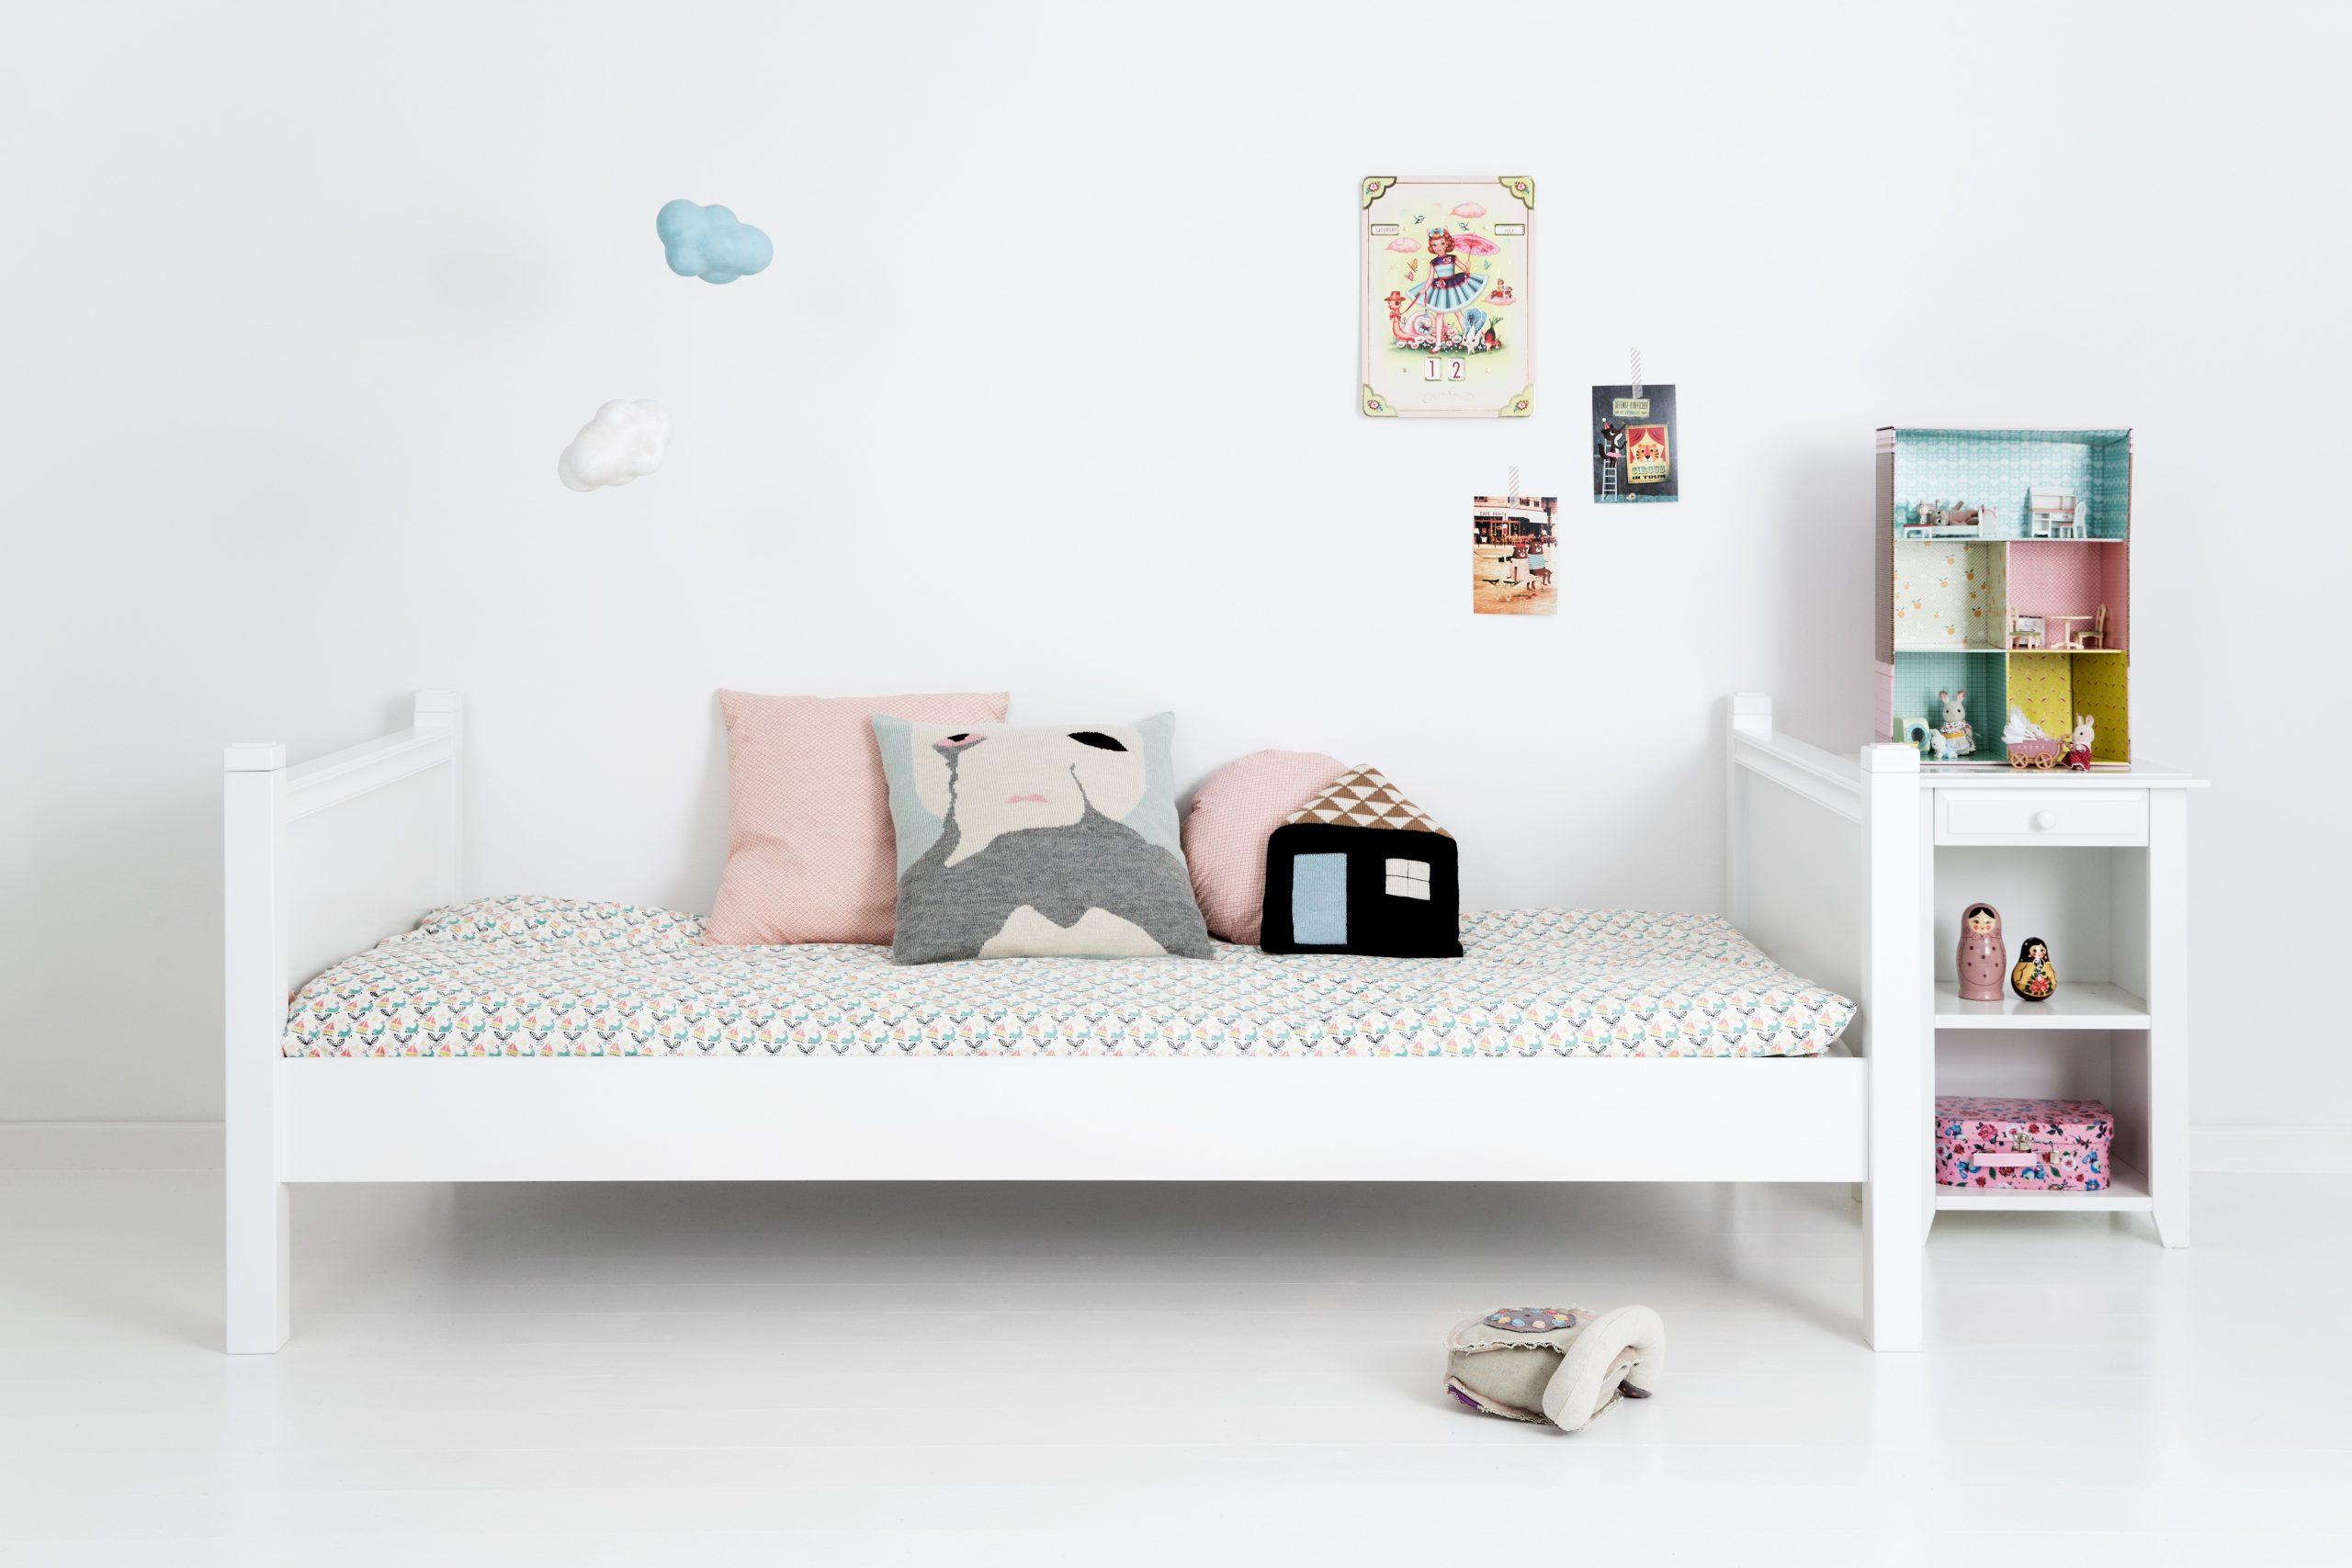 Full Size of Jabo Betten Hasena Somnus Schlafzimmer Boxspring Rauch 180x200 Mit Matratze Und Lattenrost 140x200 Runde Luxus Dico 200x200 Xxl Ebay Französische Mannheim Bett Jabo Betten